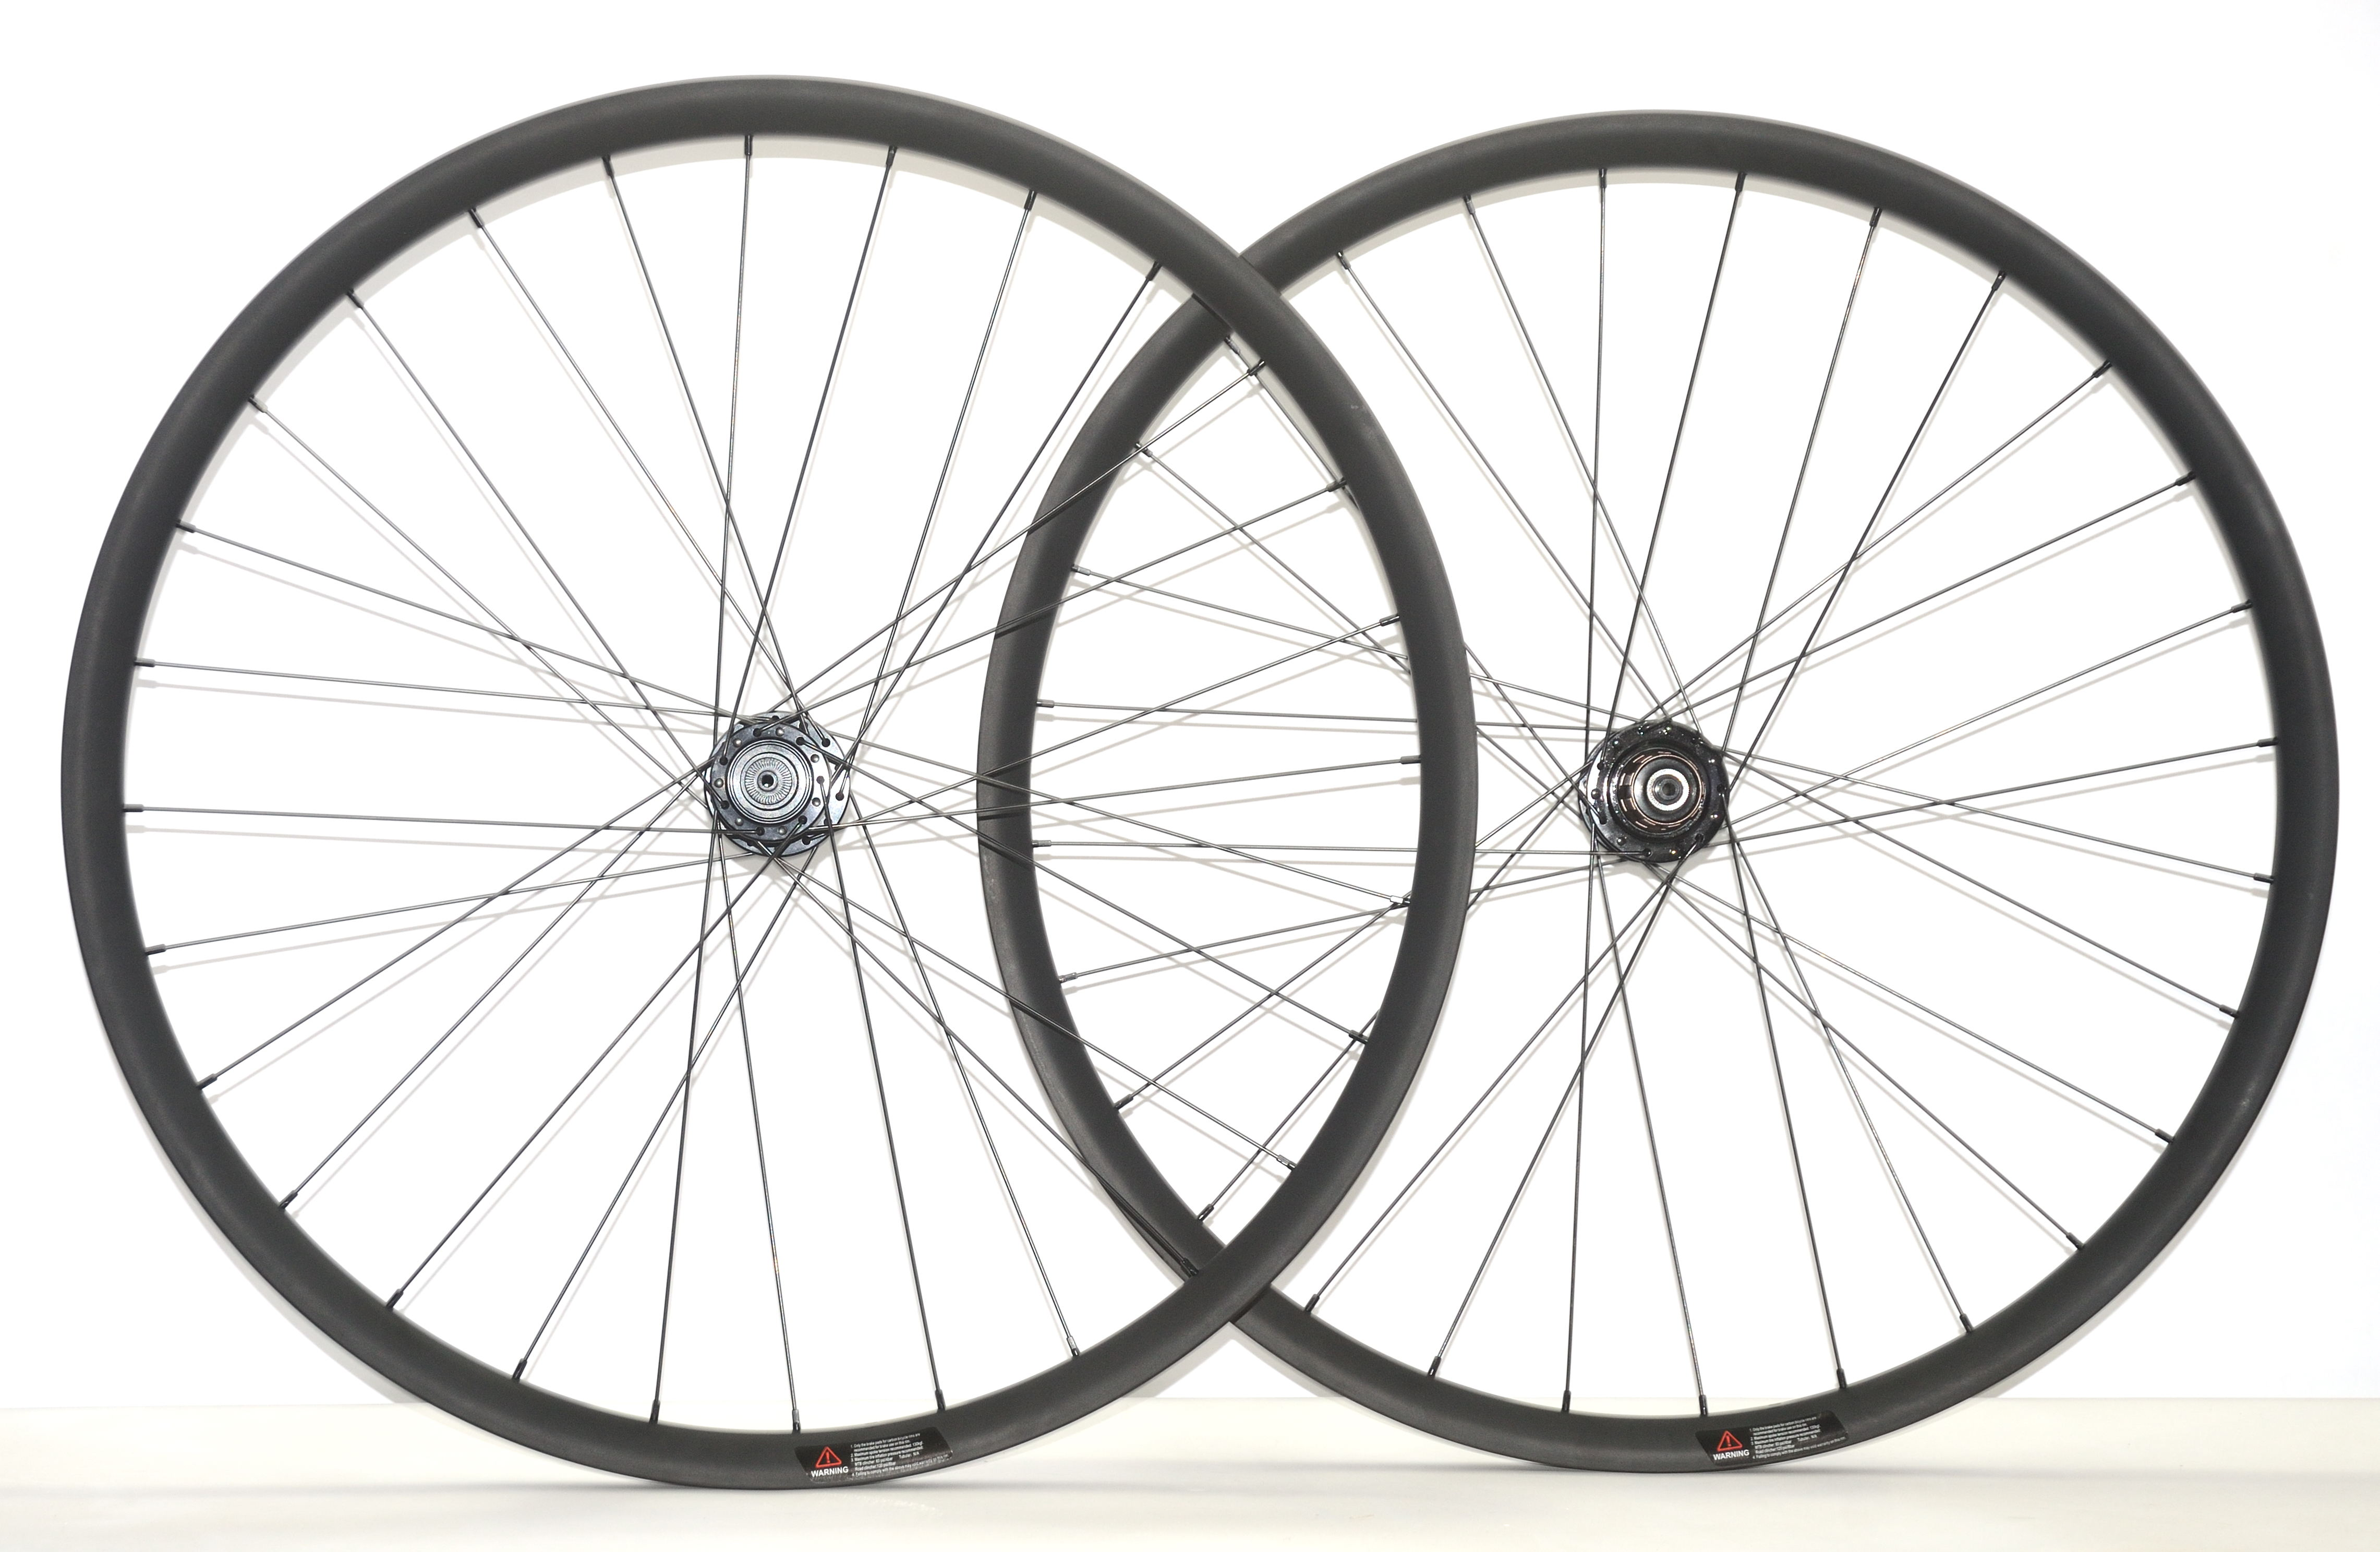 29er carbon MTB RIM 27mm wide ultralight Mountain Bike hookless rim only 280g